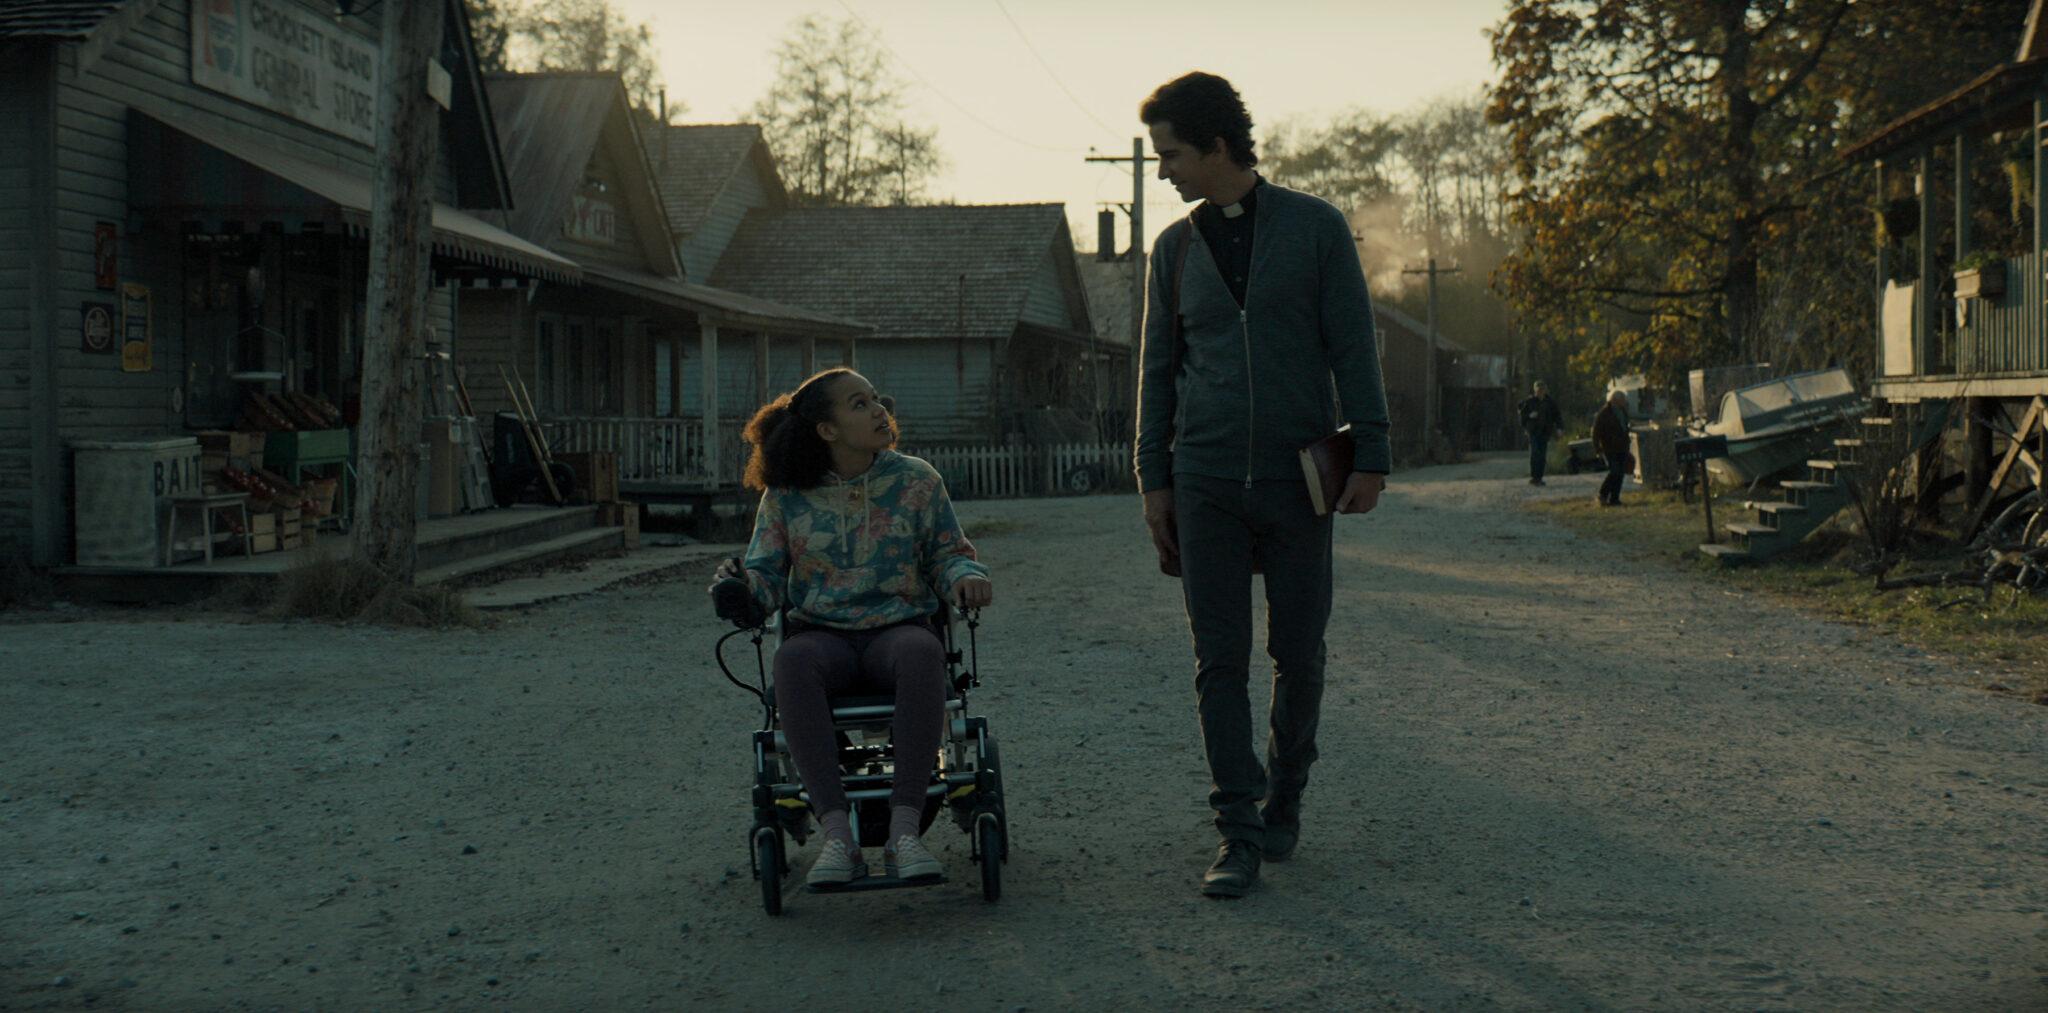 Ein Mädchen im Rollstuhl und ein Mann mit Priesterkragen und Buch im Arm bewegen sich auf einer Schotterstraße auf den Betrachter zu; im Hintergrund sieht man zahlreiche Holzhäuser - Midnight Mass